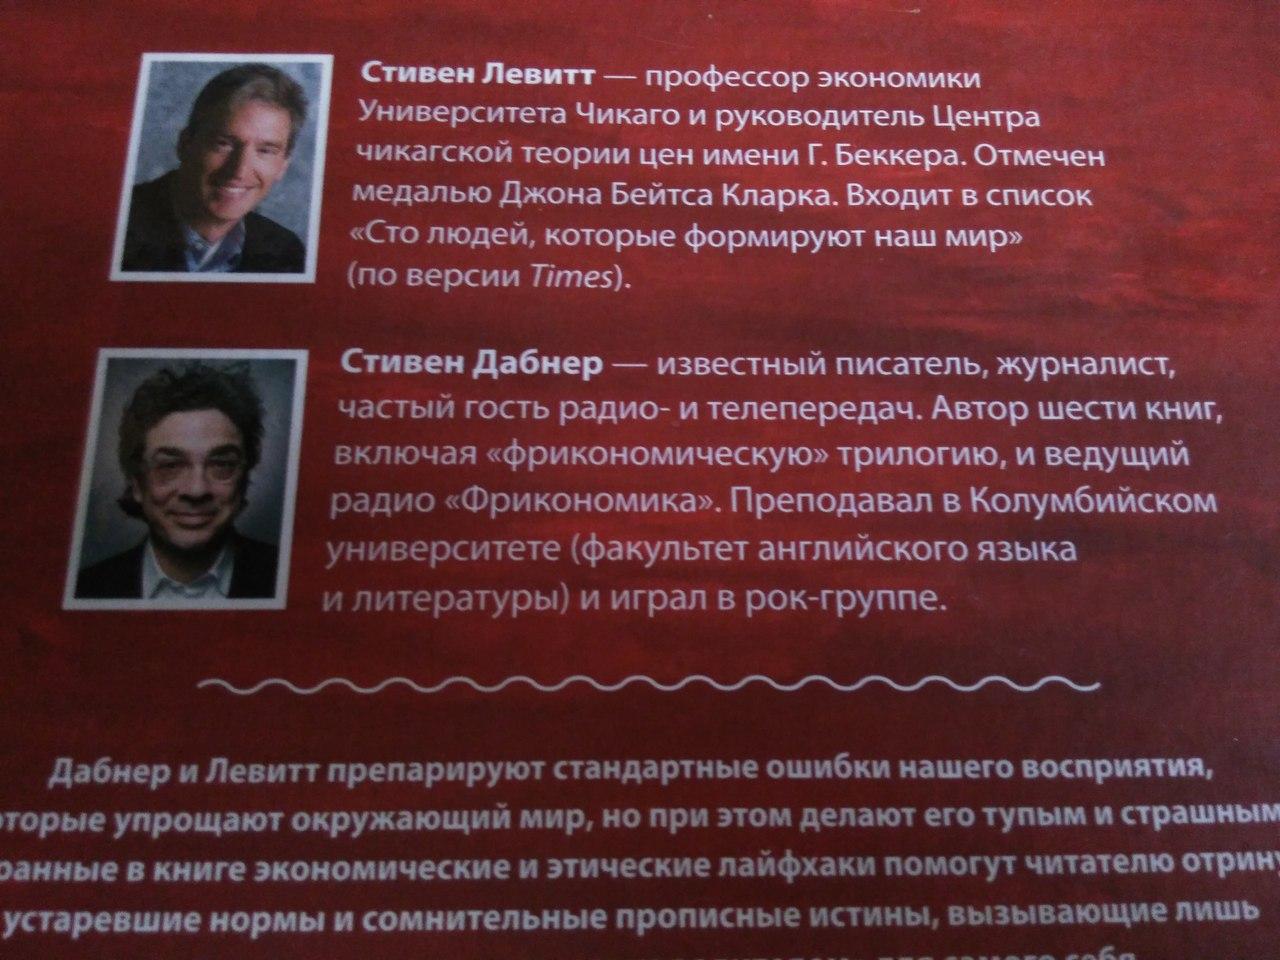 Другие - Россия: КапитализЬм и цинизЬм в книгах 'Альпина Паблишер'